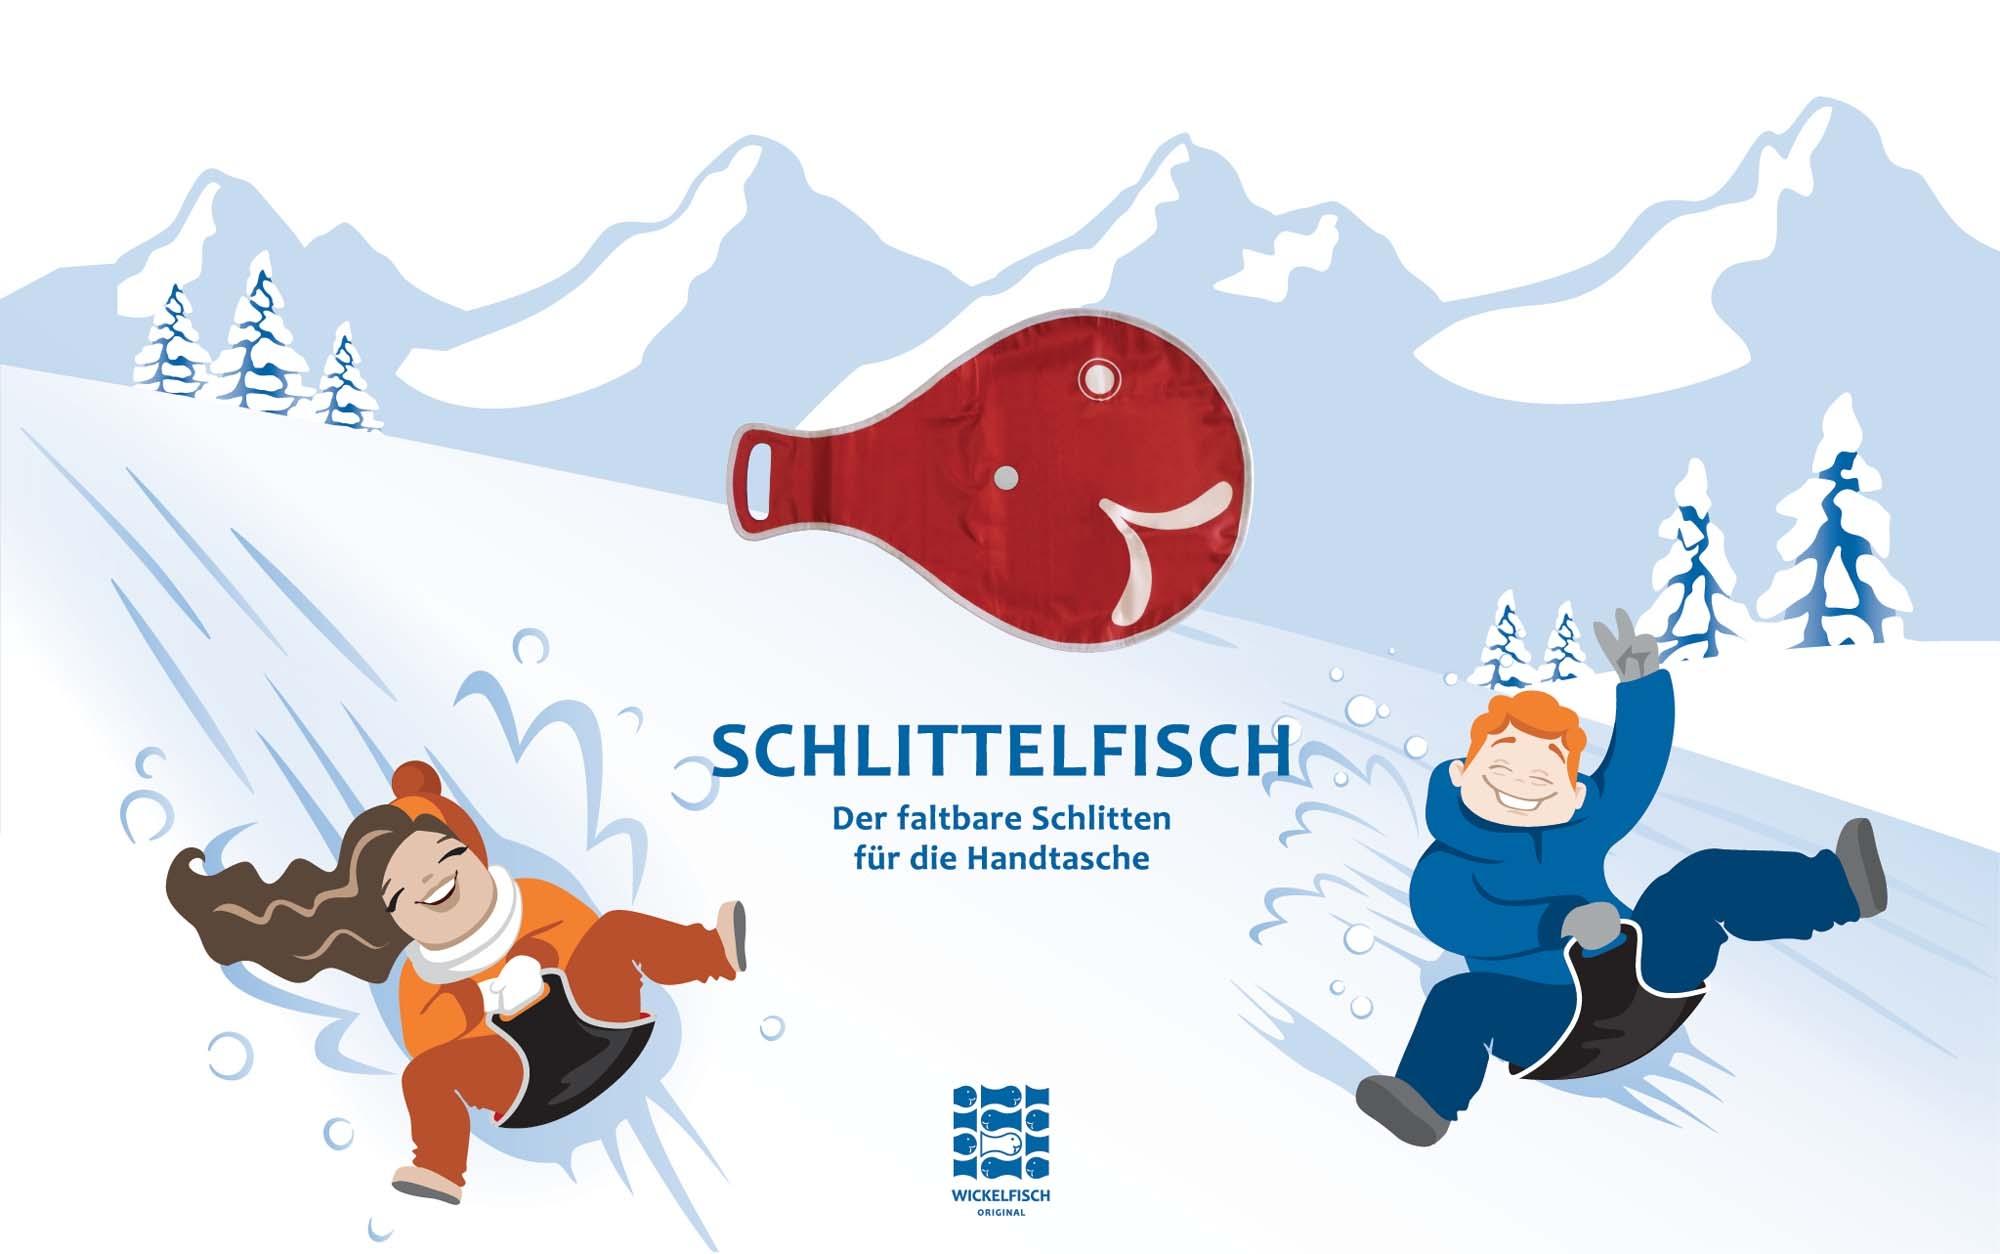 Geschenkidee Schlittelfisch